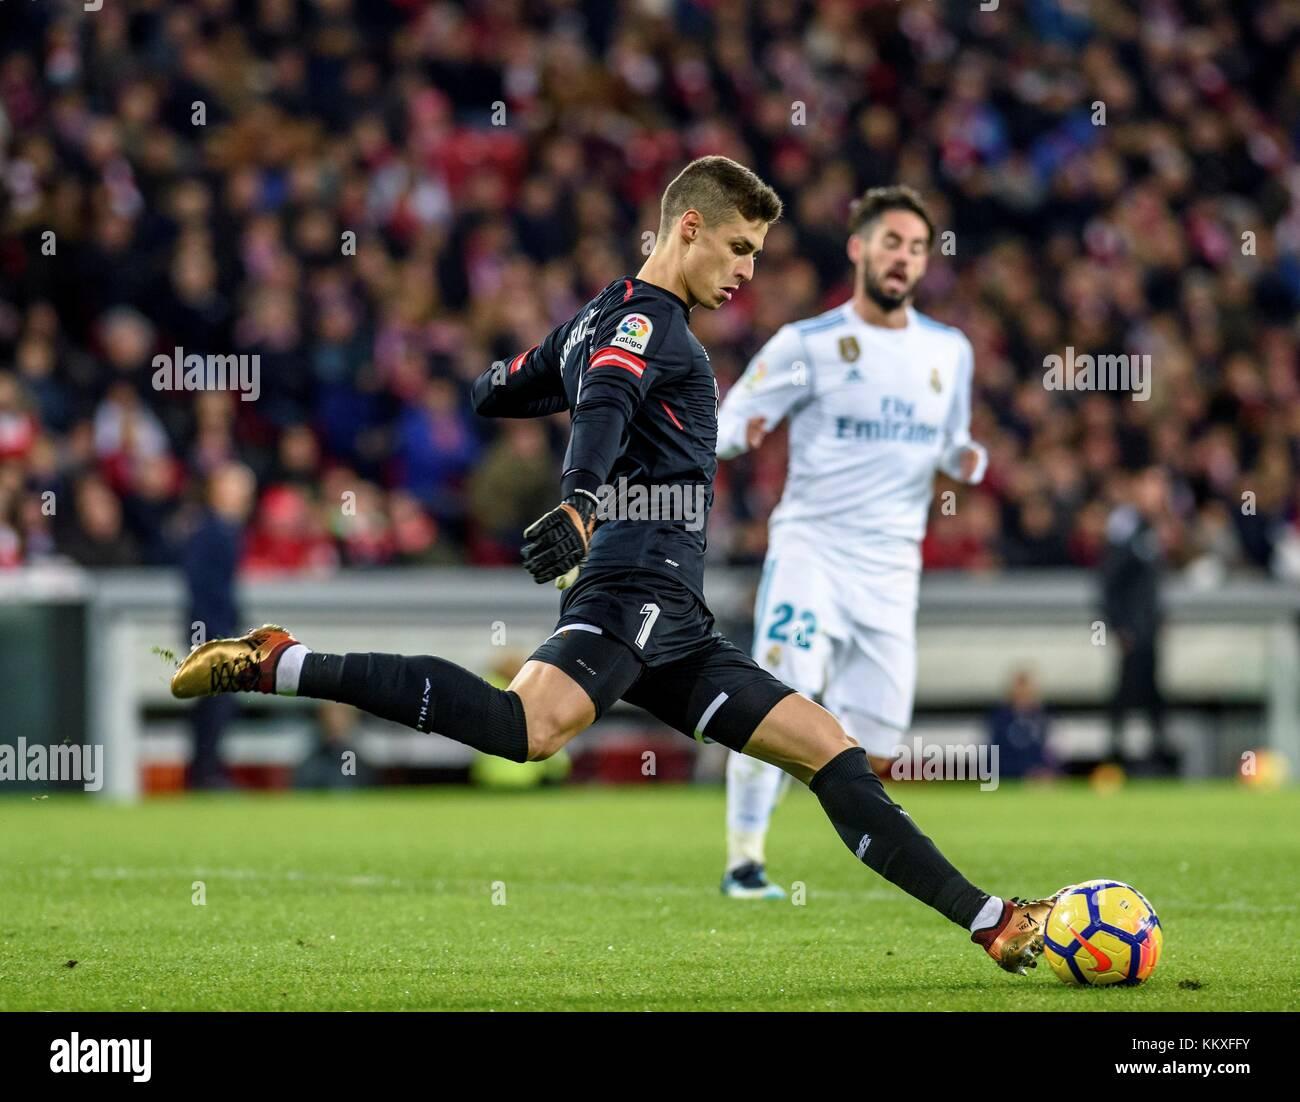 Portero del Athletic de Bilbao kepa arrizabalaga en acción durante un  partido de la liga de Santander 60e73c7da1494